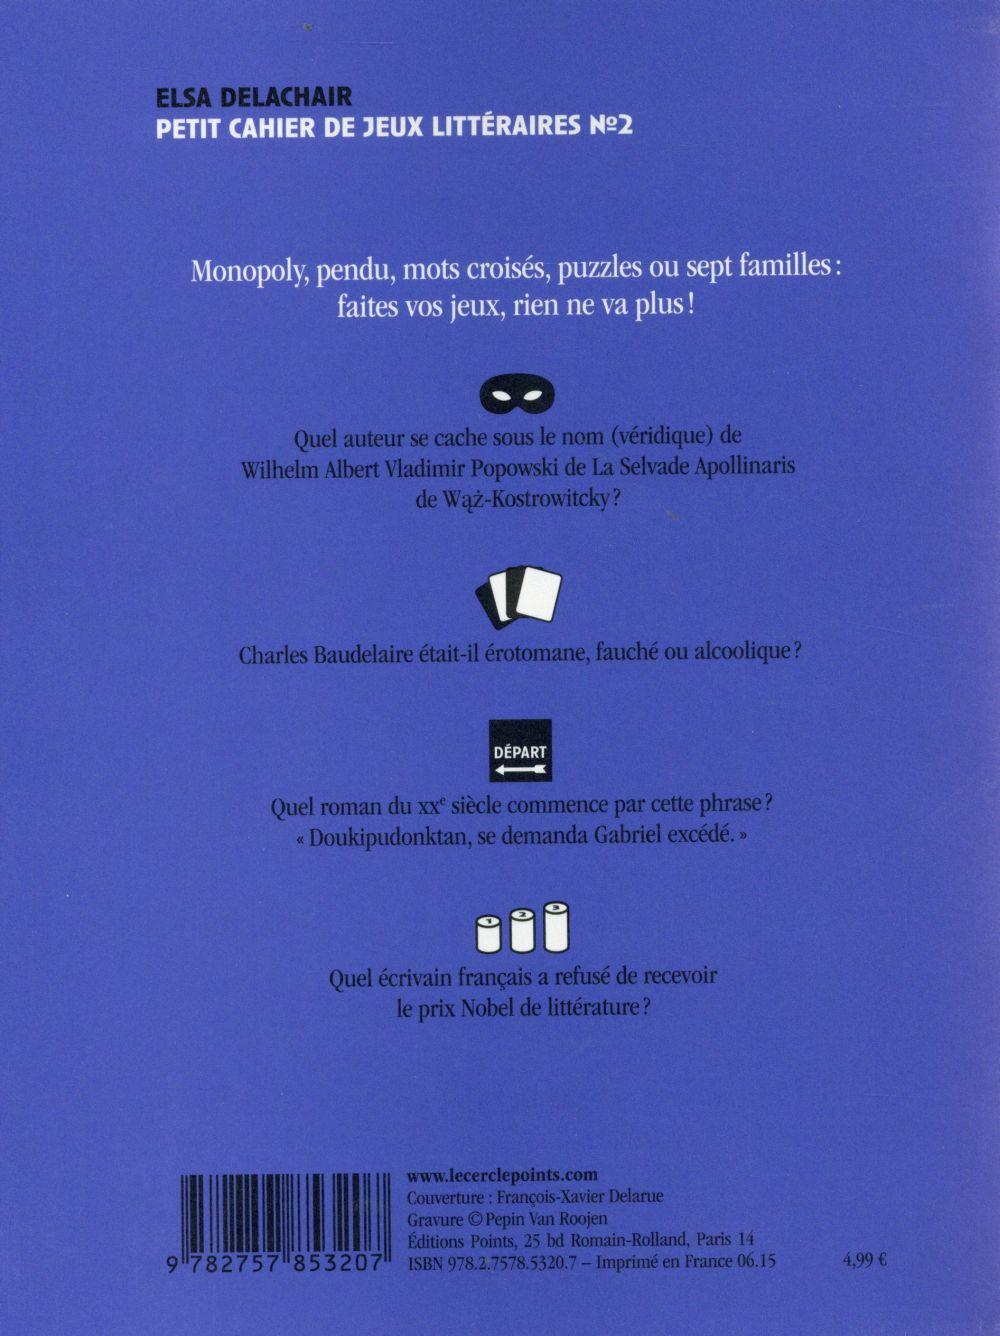 Petit cahier de jeux littéraire t.2 ; sept familles, pendu, mots croisés et autres défis savoureux